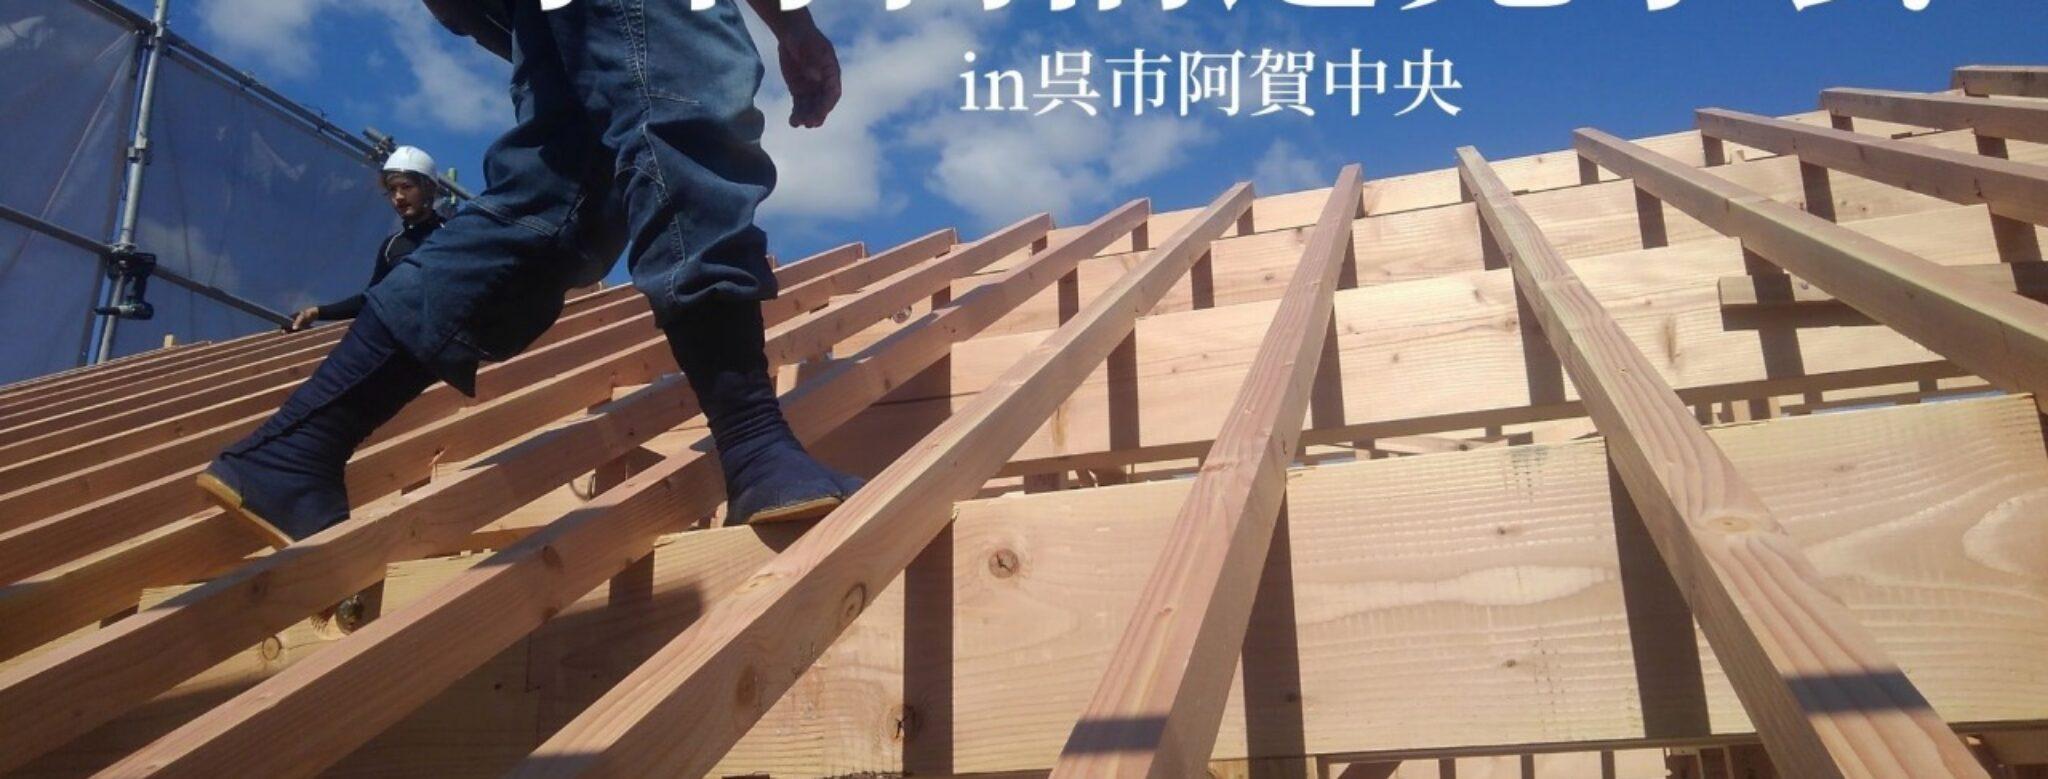 構造見学会in呉市阿賀中央